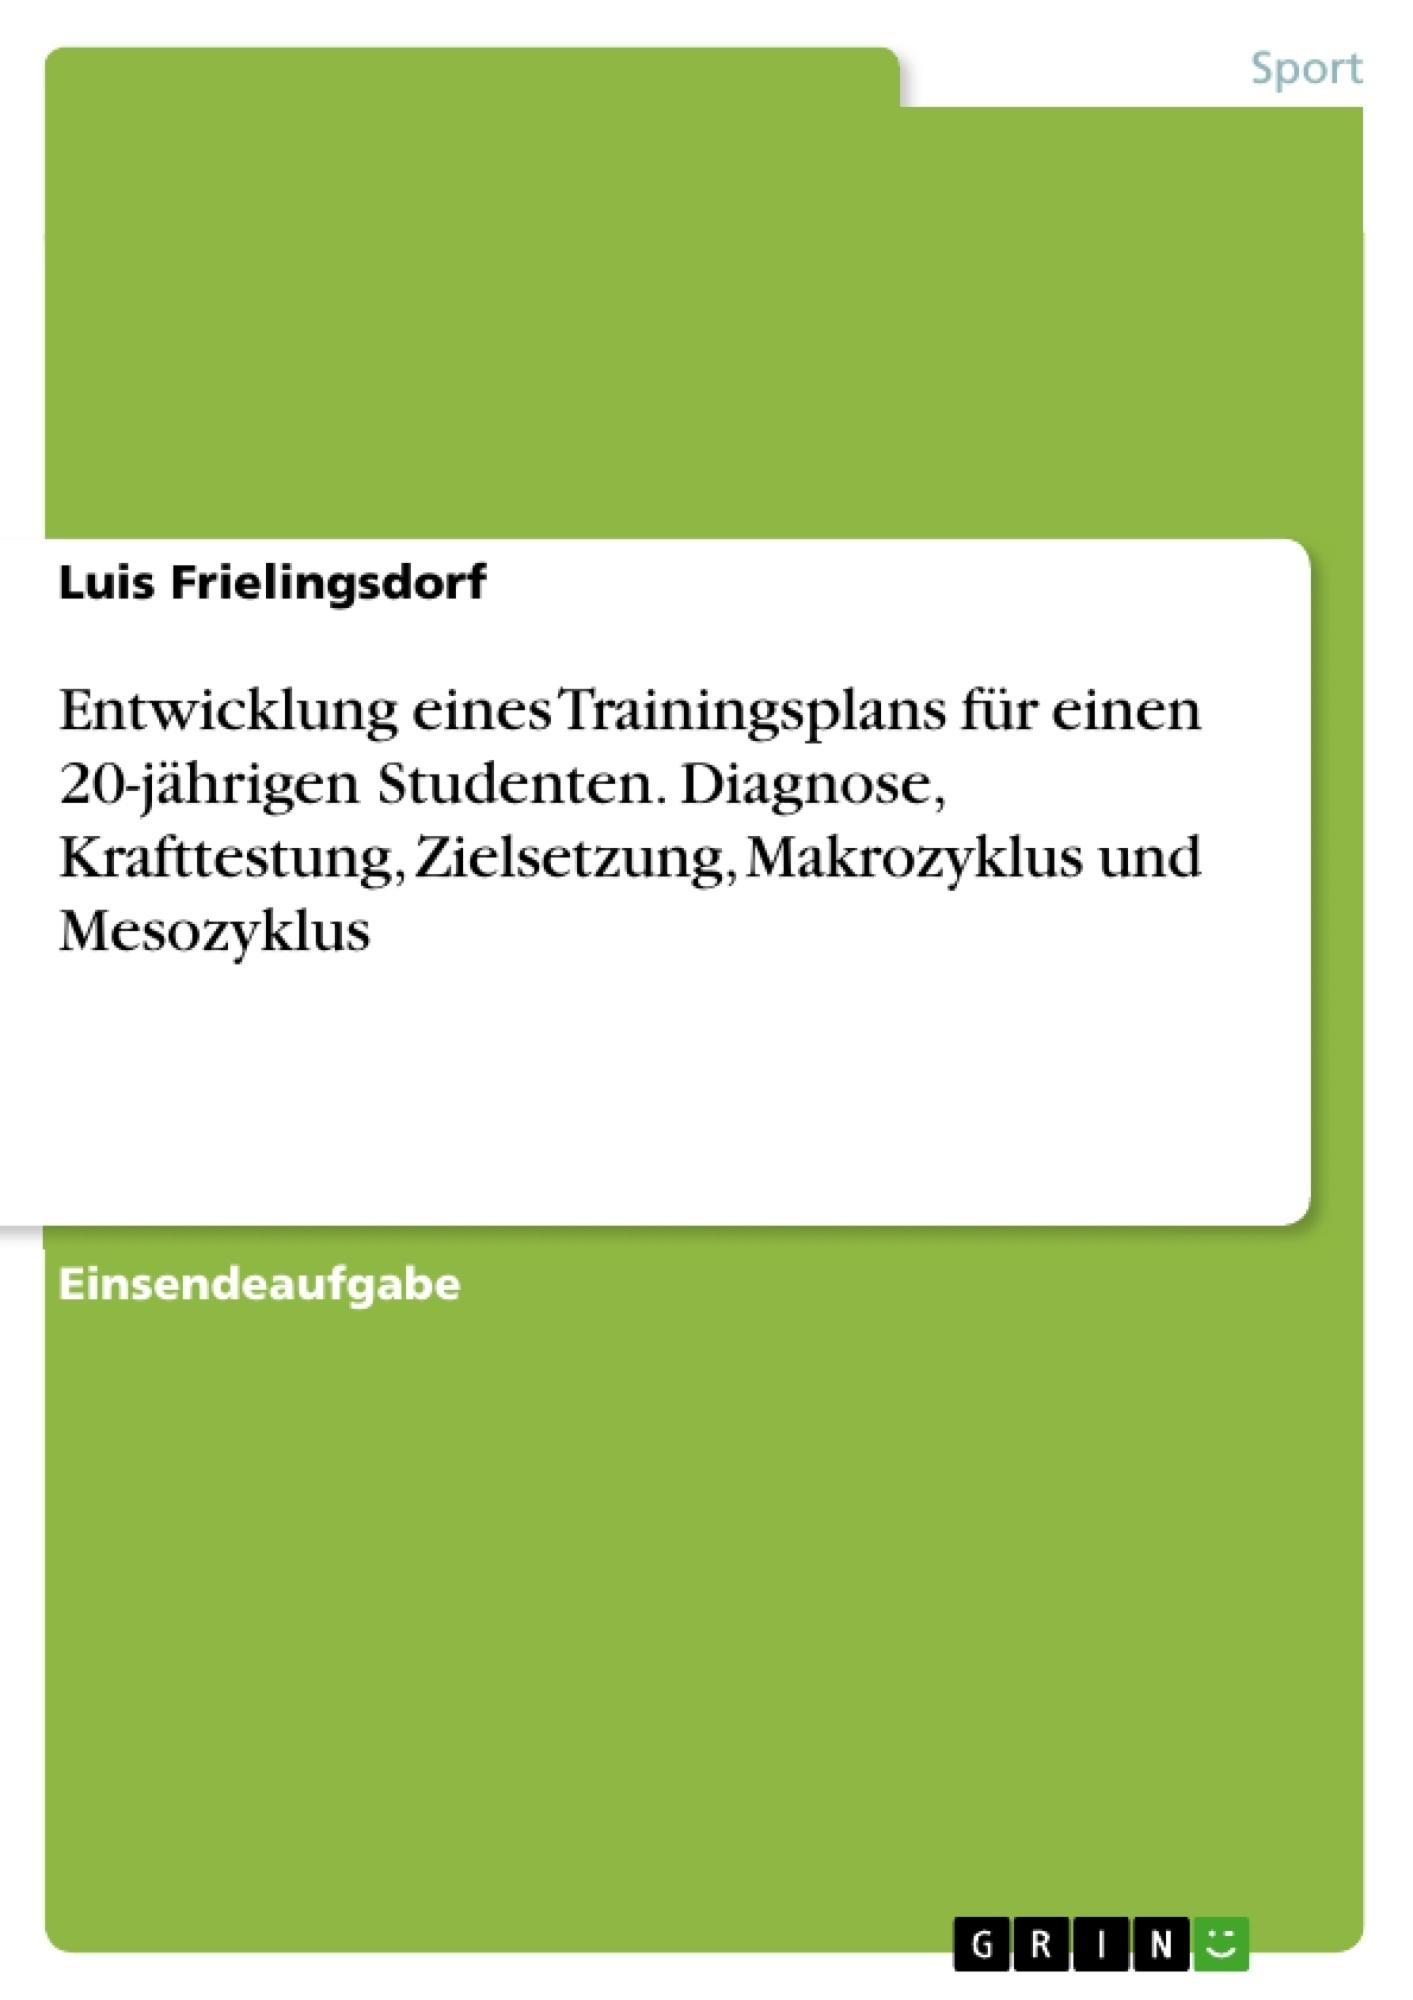 Titel: Entwicklung eines Trainingsplans für einen 20-jährigen Studenten. Diagnose, Krafttestung, Zielsetzung, Makrozyklus und Mesozyklus